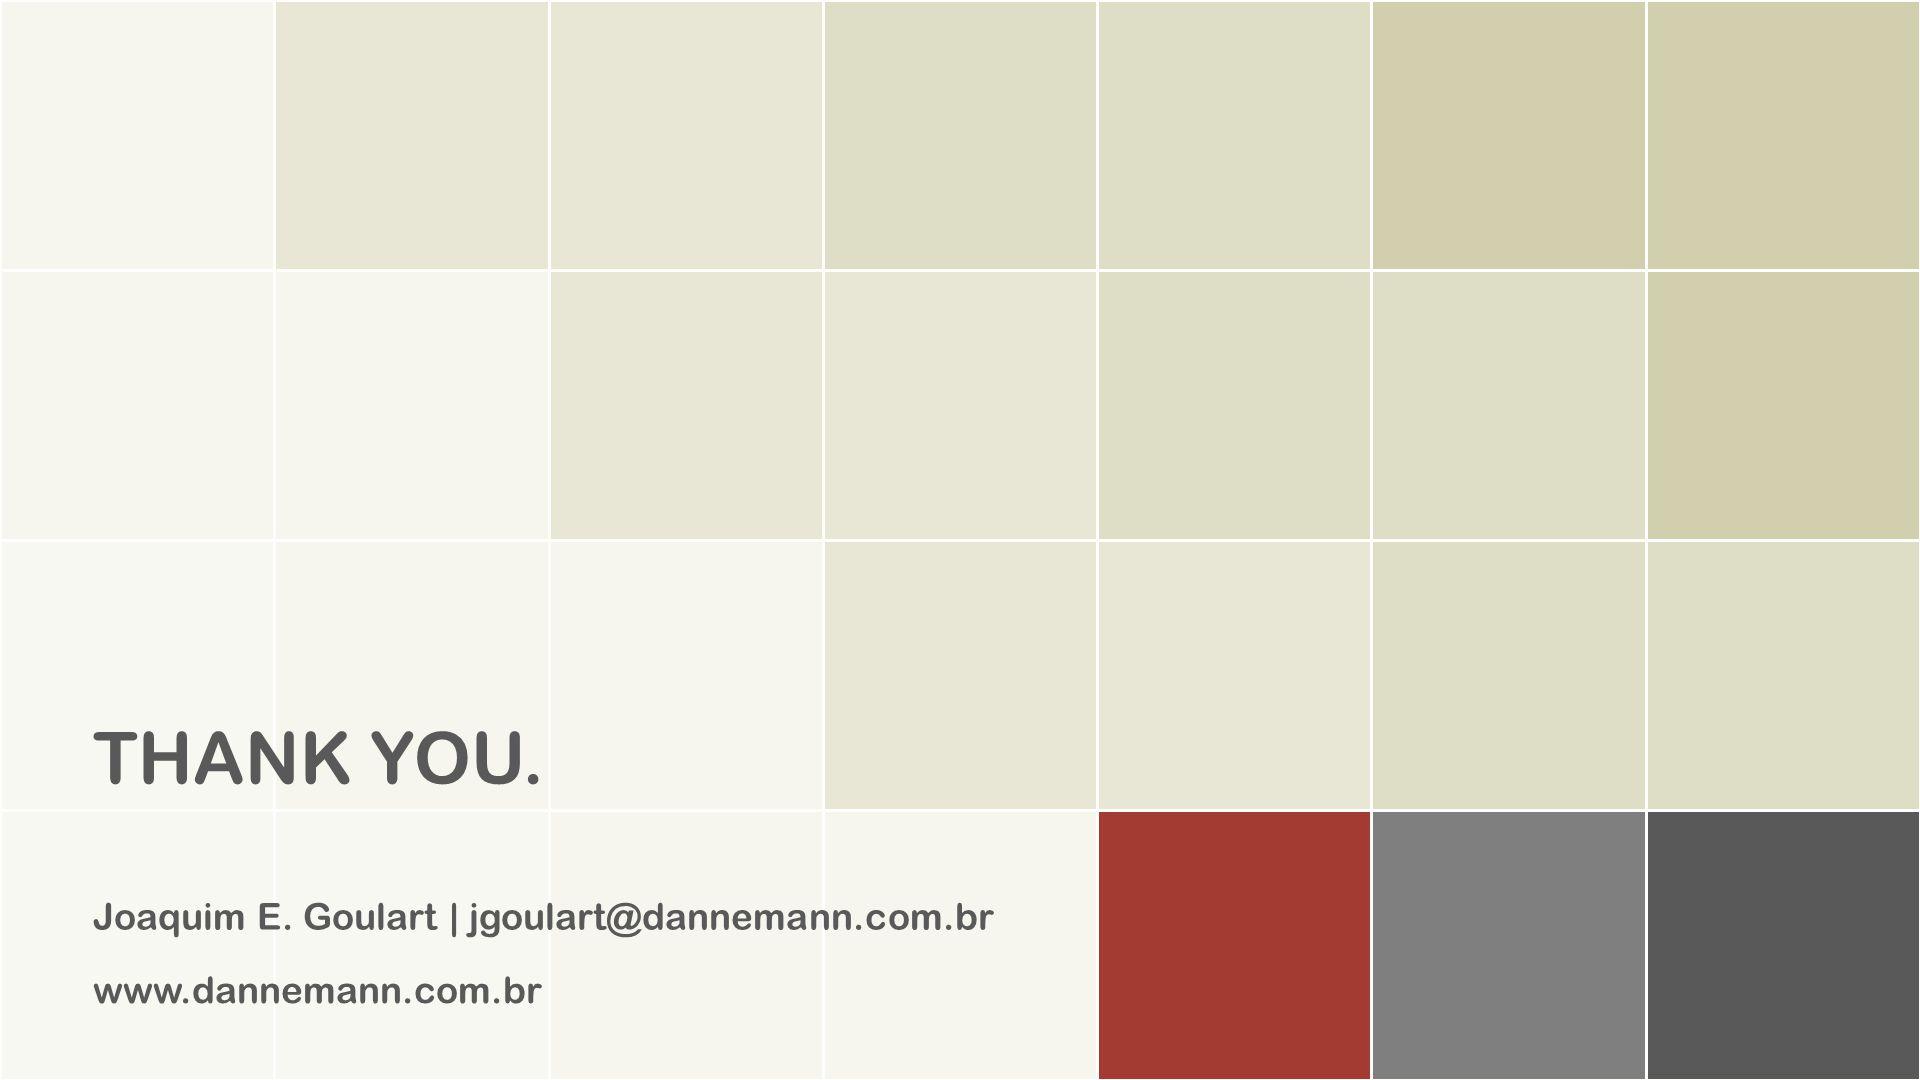 www.dannemann.com.br THANK YOU. Joaquim E. Goulart | jgoulart@dannemann.com.br